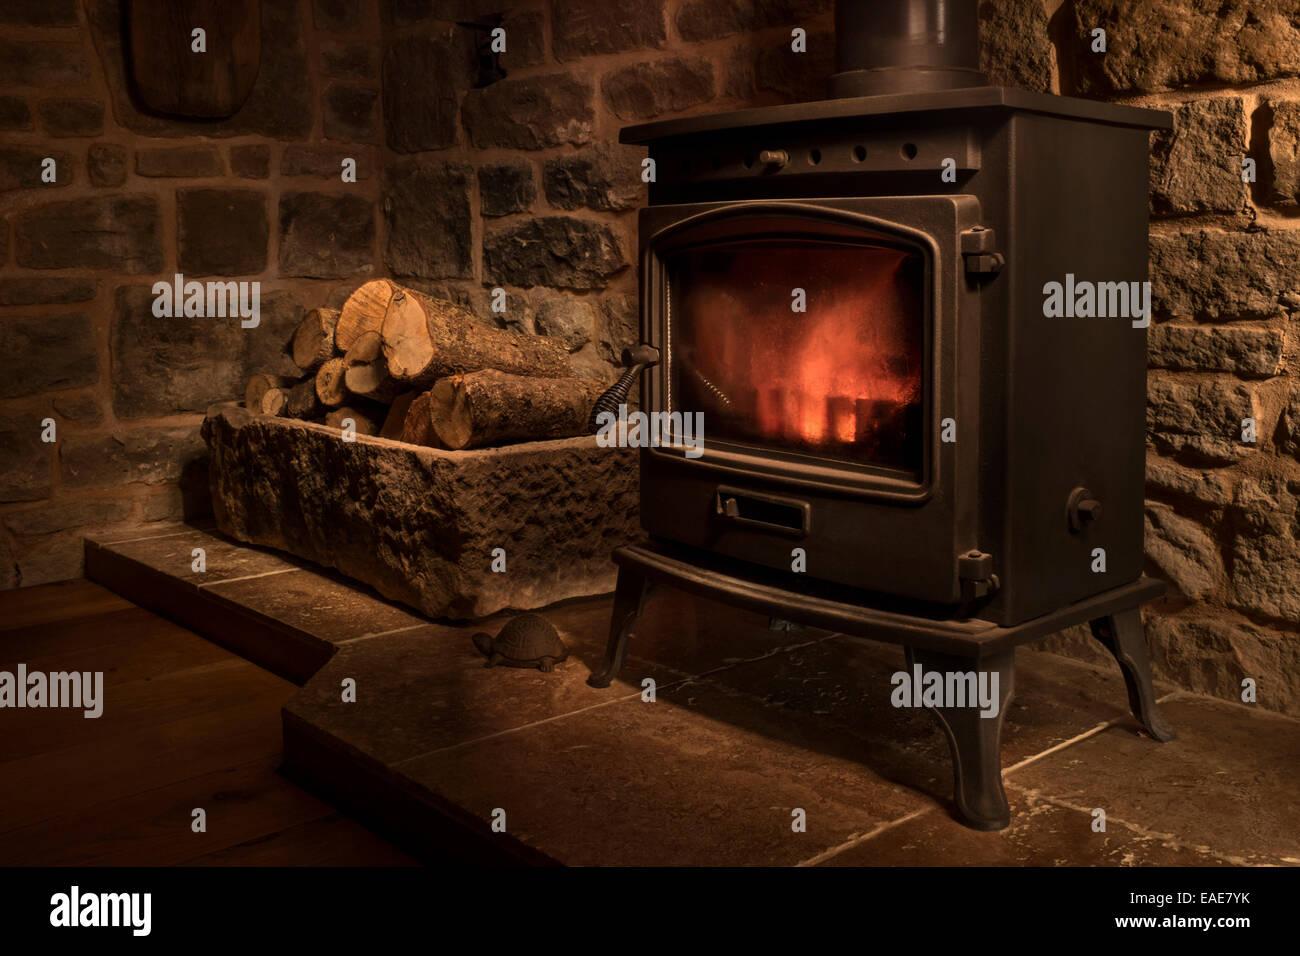 Wood Burning Stove Stock Photos & Wood Burning Stove Stock Images ...